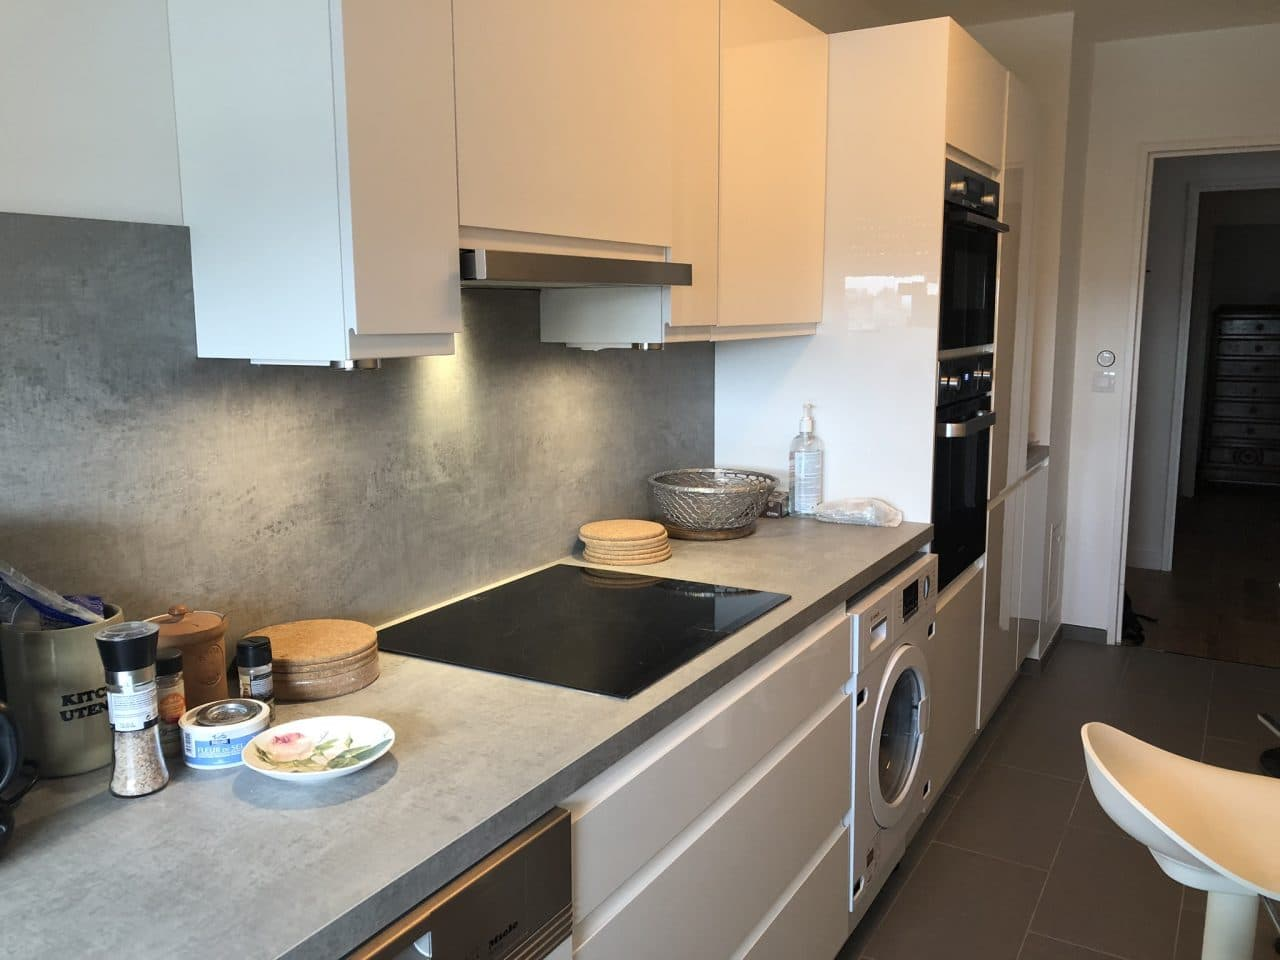 rénovation appartement cuisine aménagée tiroirs hotte plaque de cuisson électroménager Paris 11e arrondissement